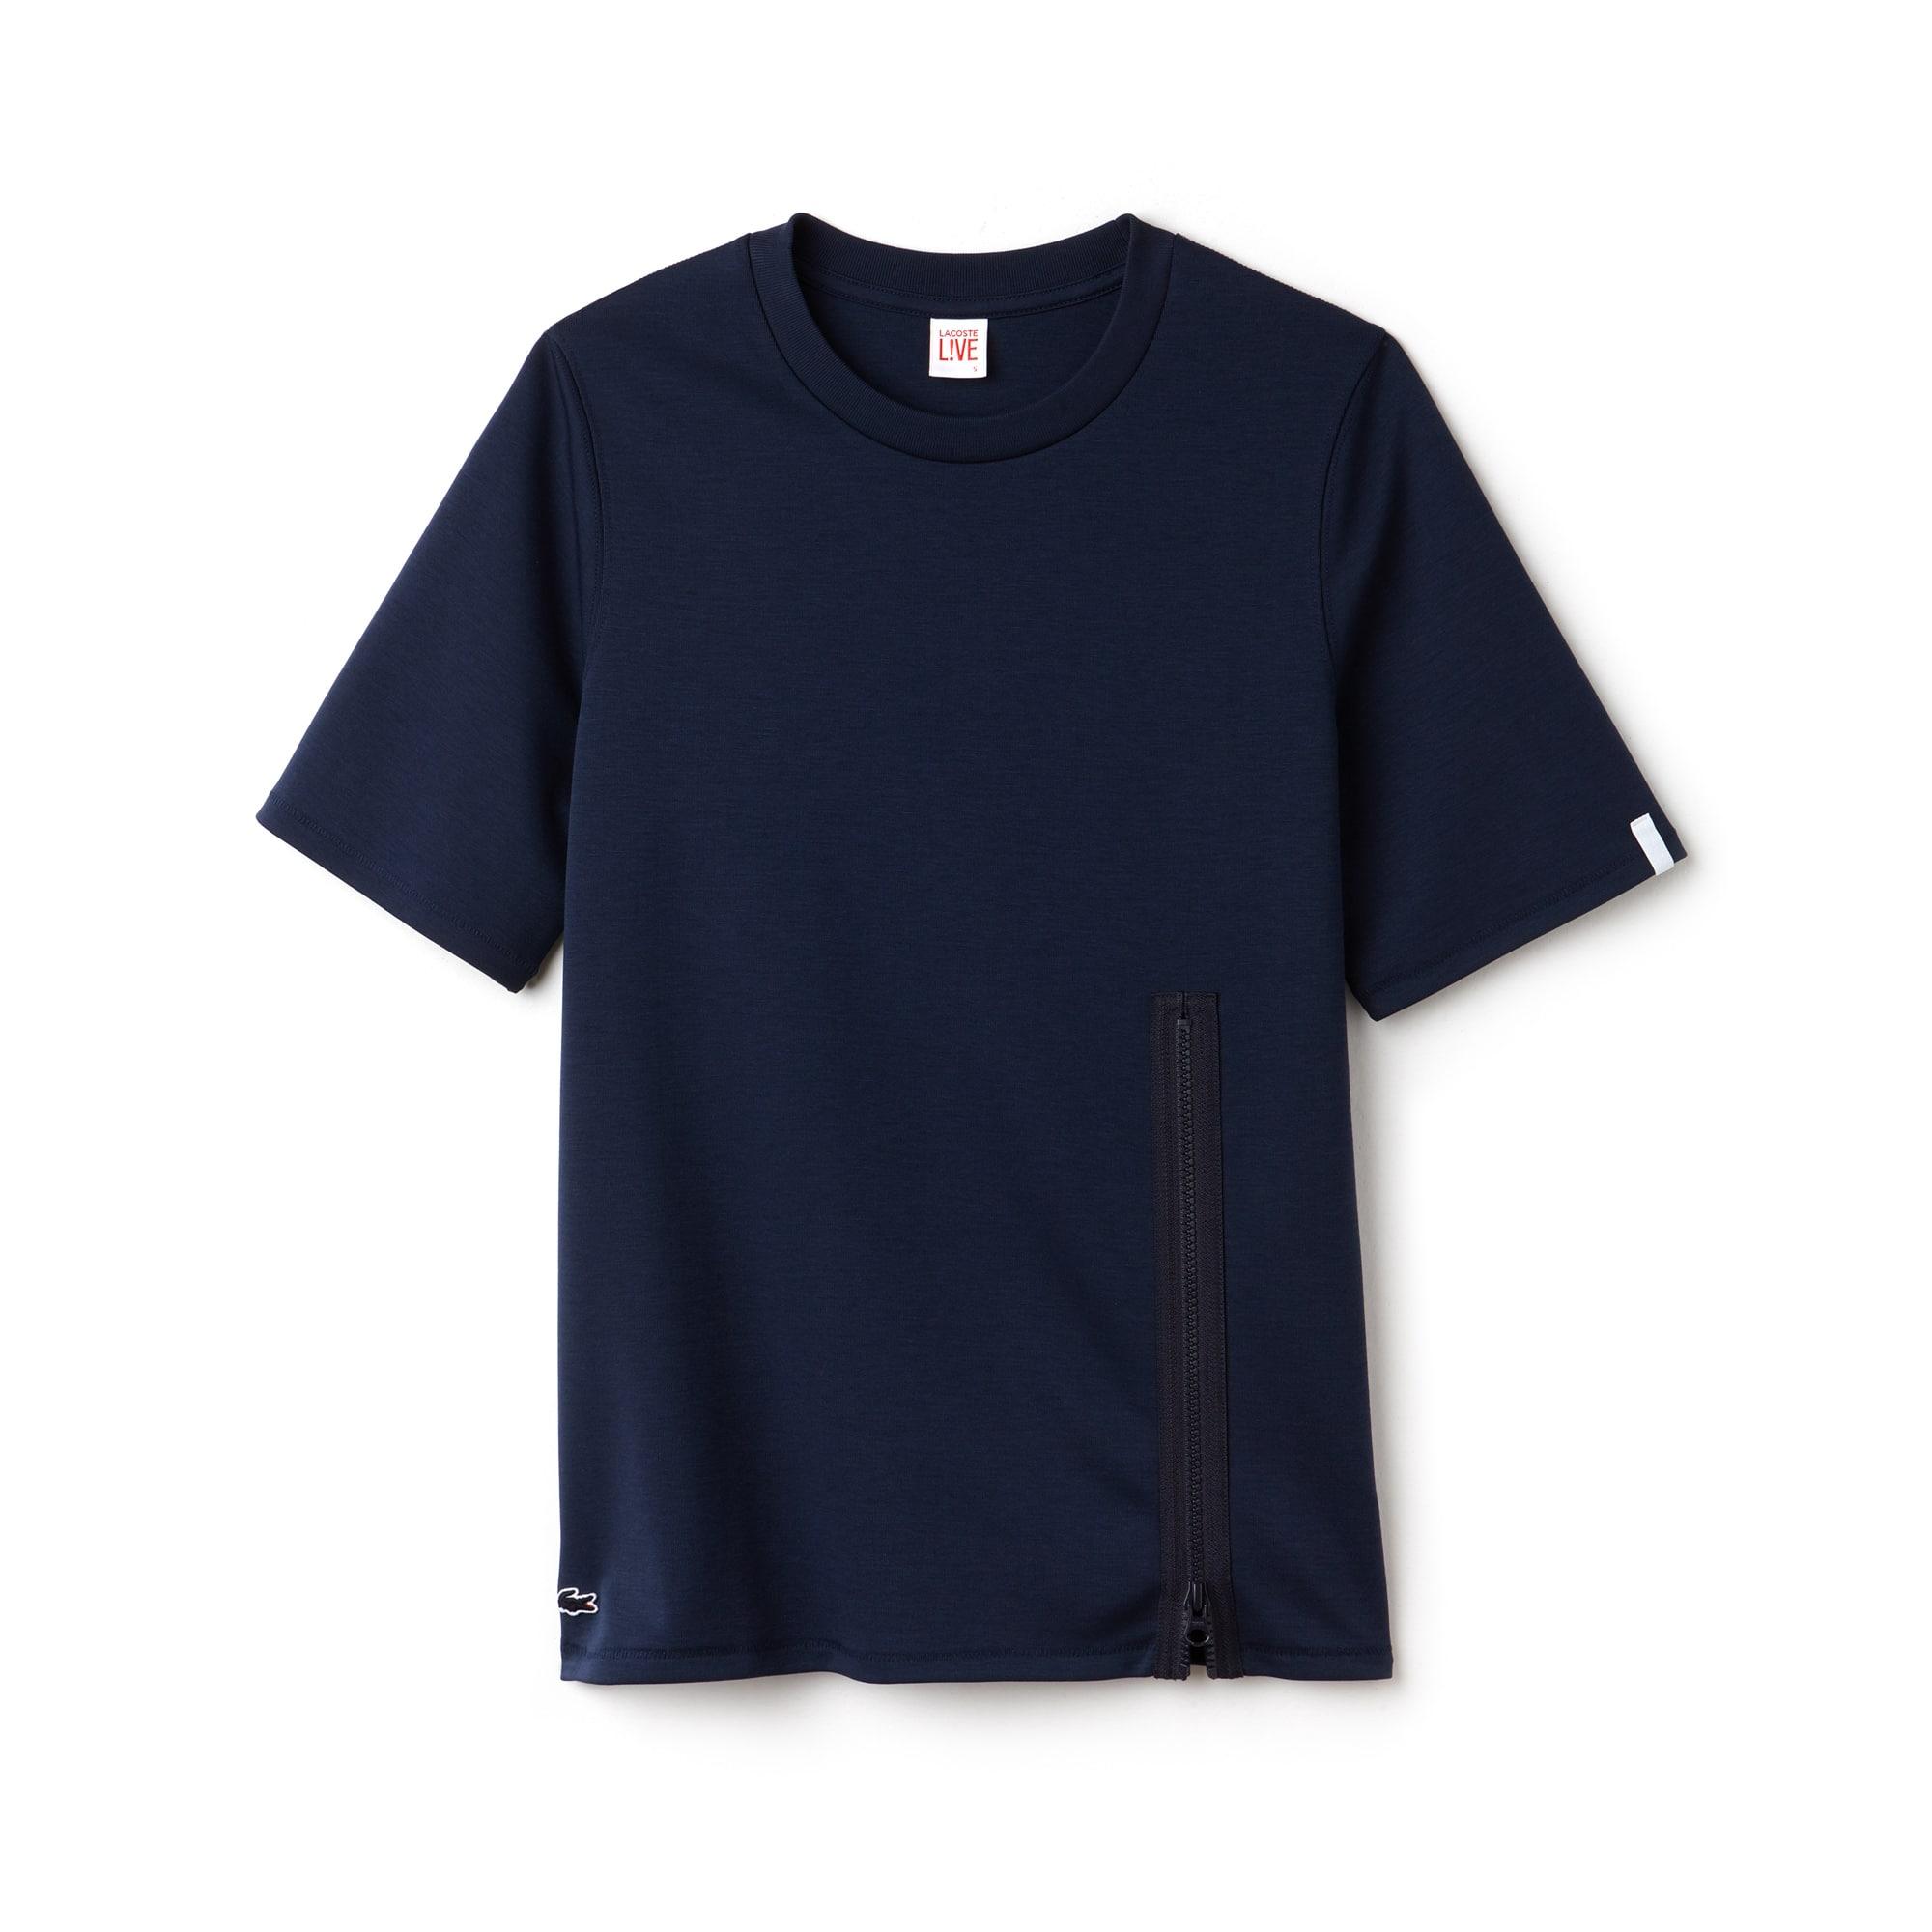 Camiseta de cuello redondo Lacoste LIVE de punto jersey con cierre de cremallera